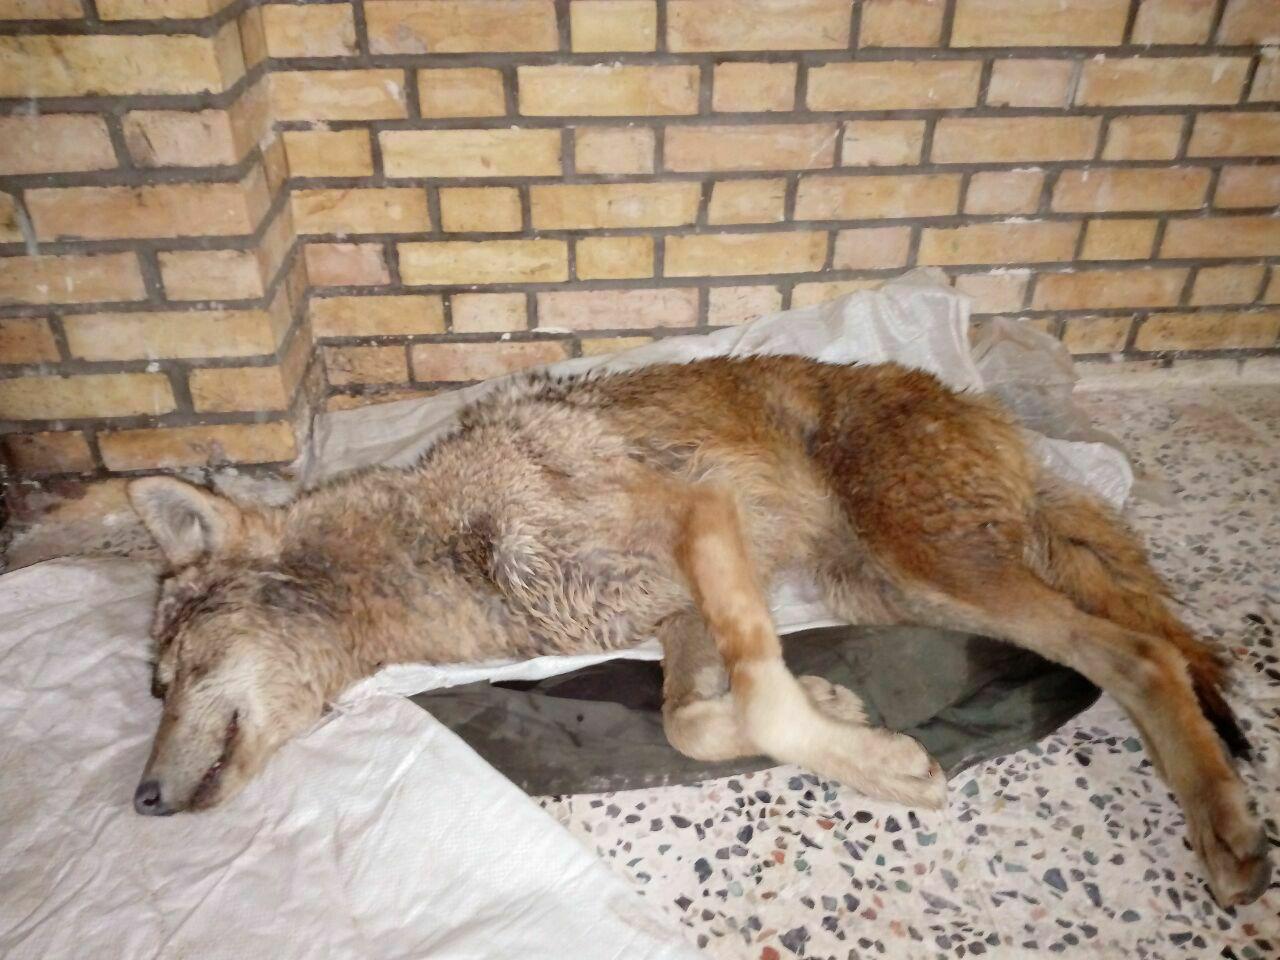 نجات يك گرگ سقوط كرده در استخر ذخيره آب در سميرم